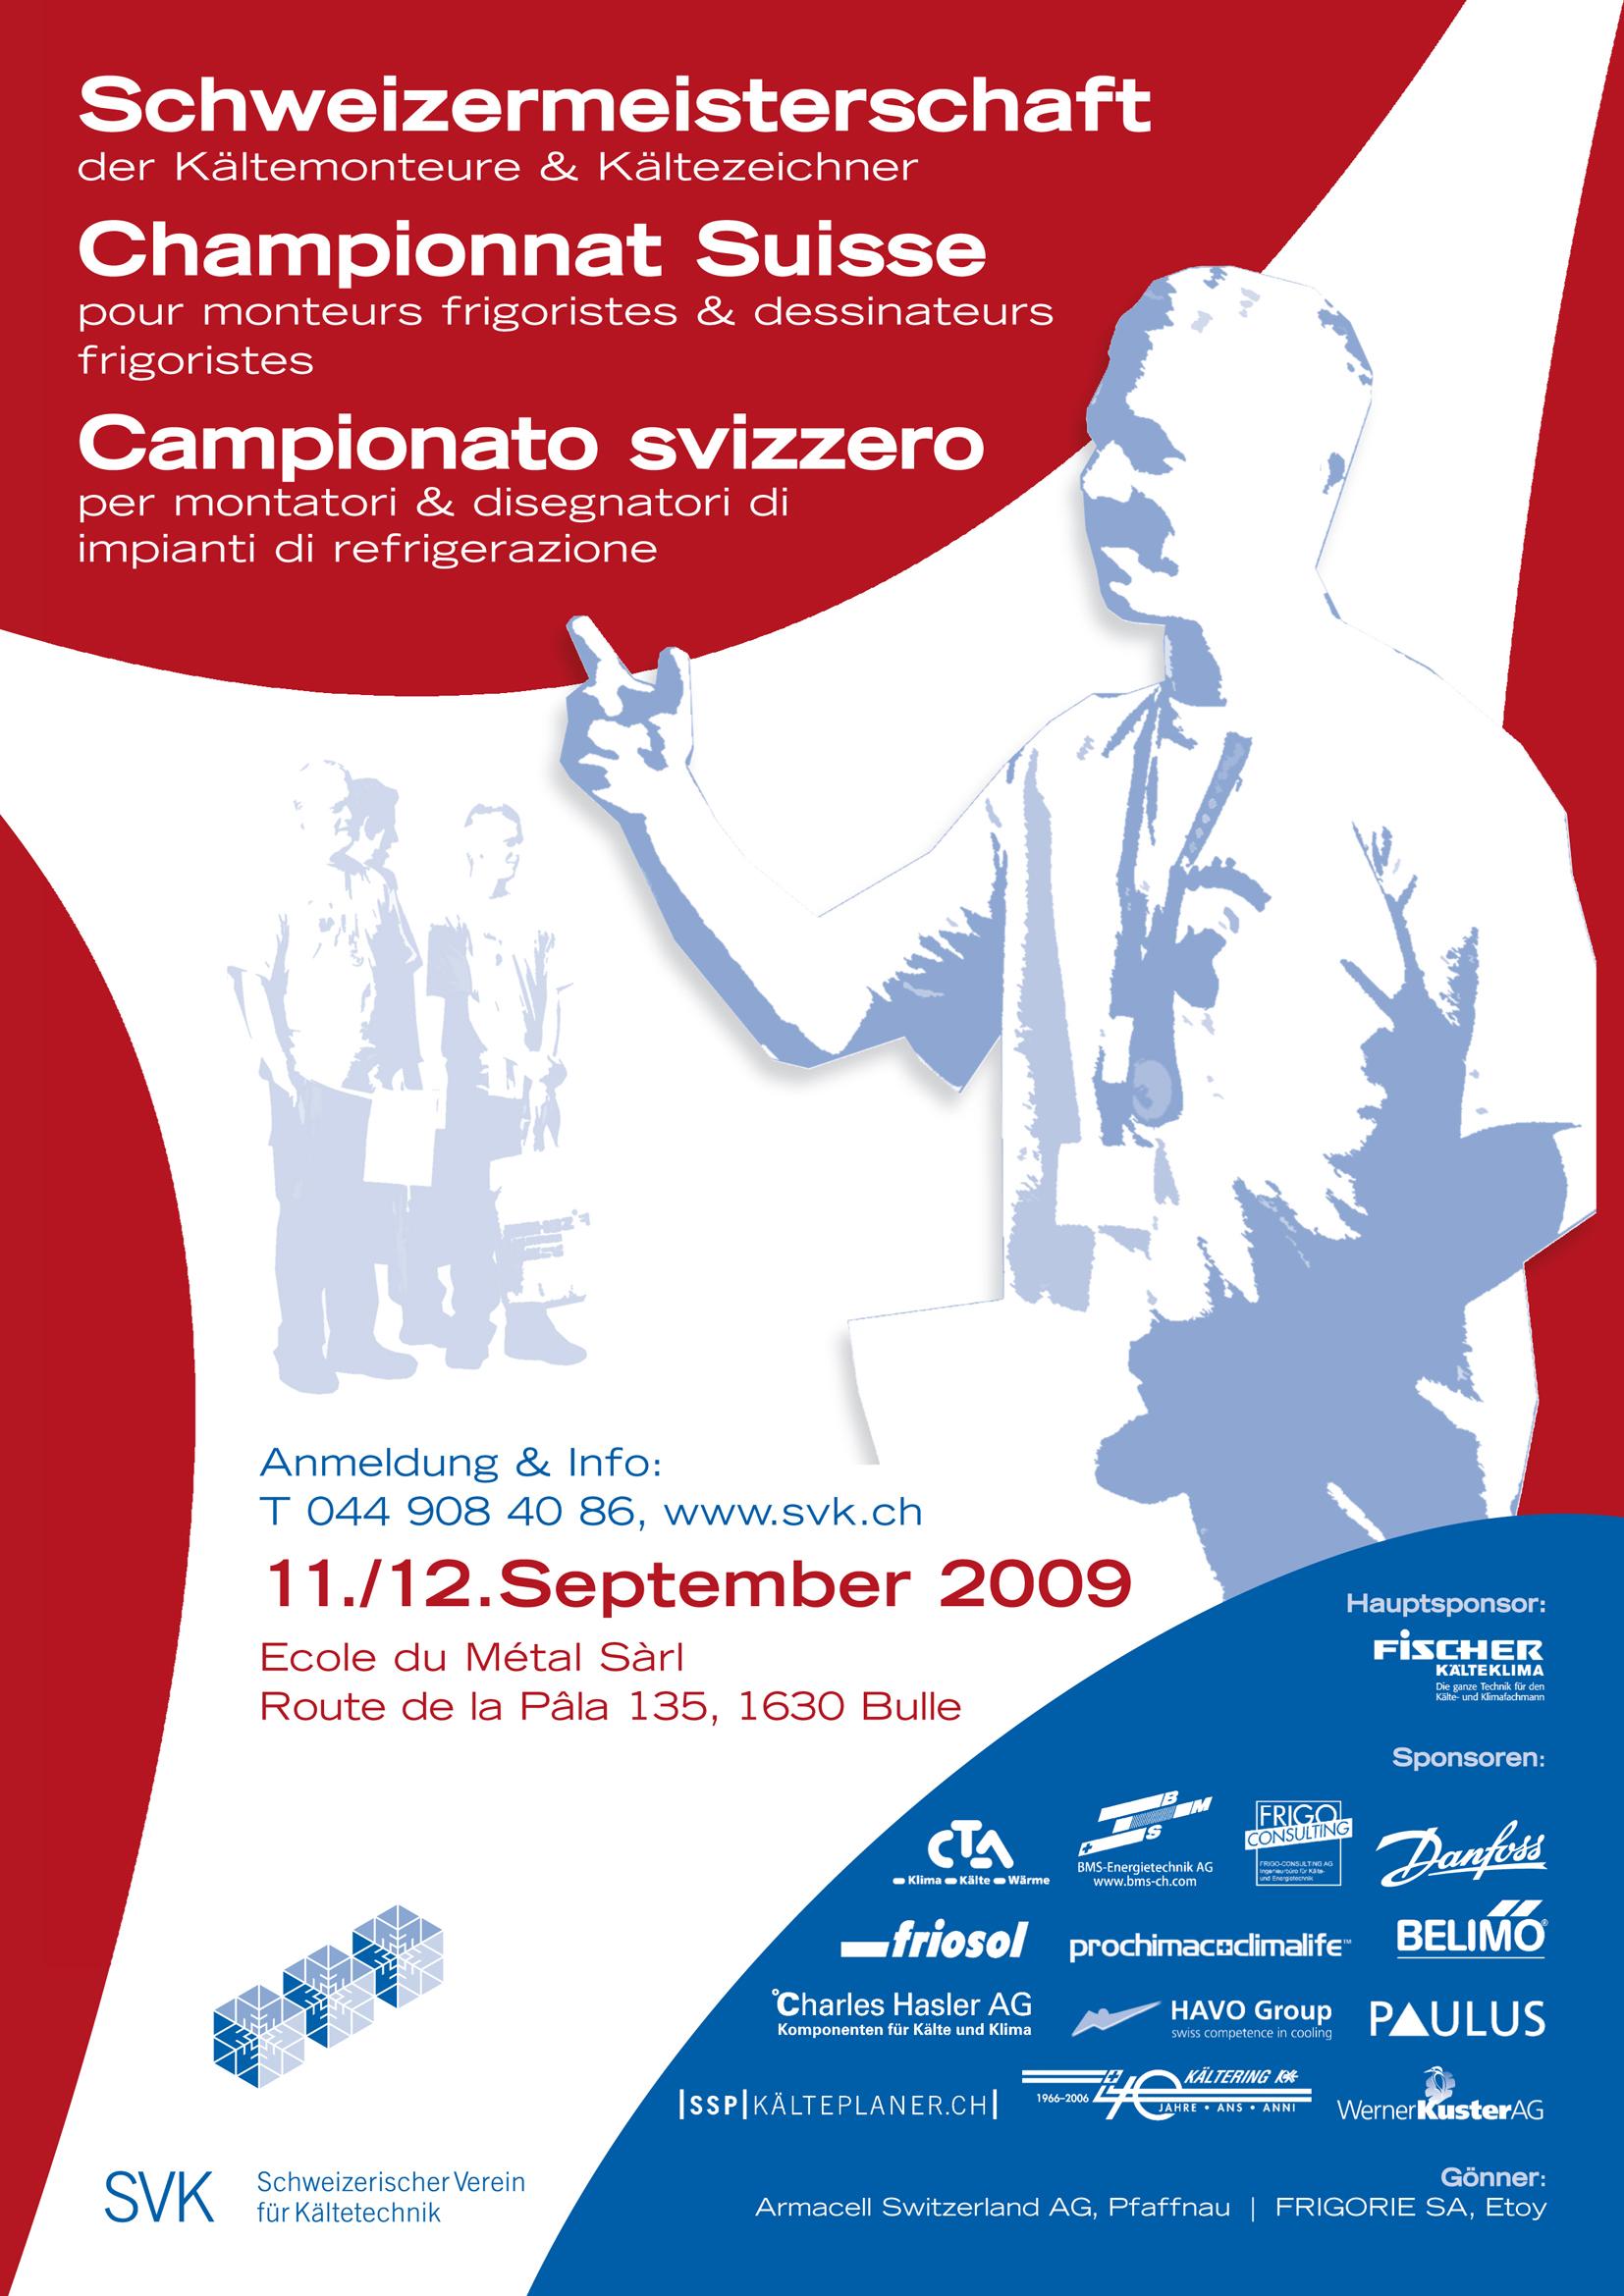 Plakett Schweizermeisterschaften für Kältemonteure/innen 2009